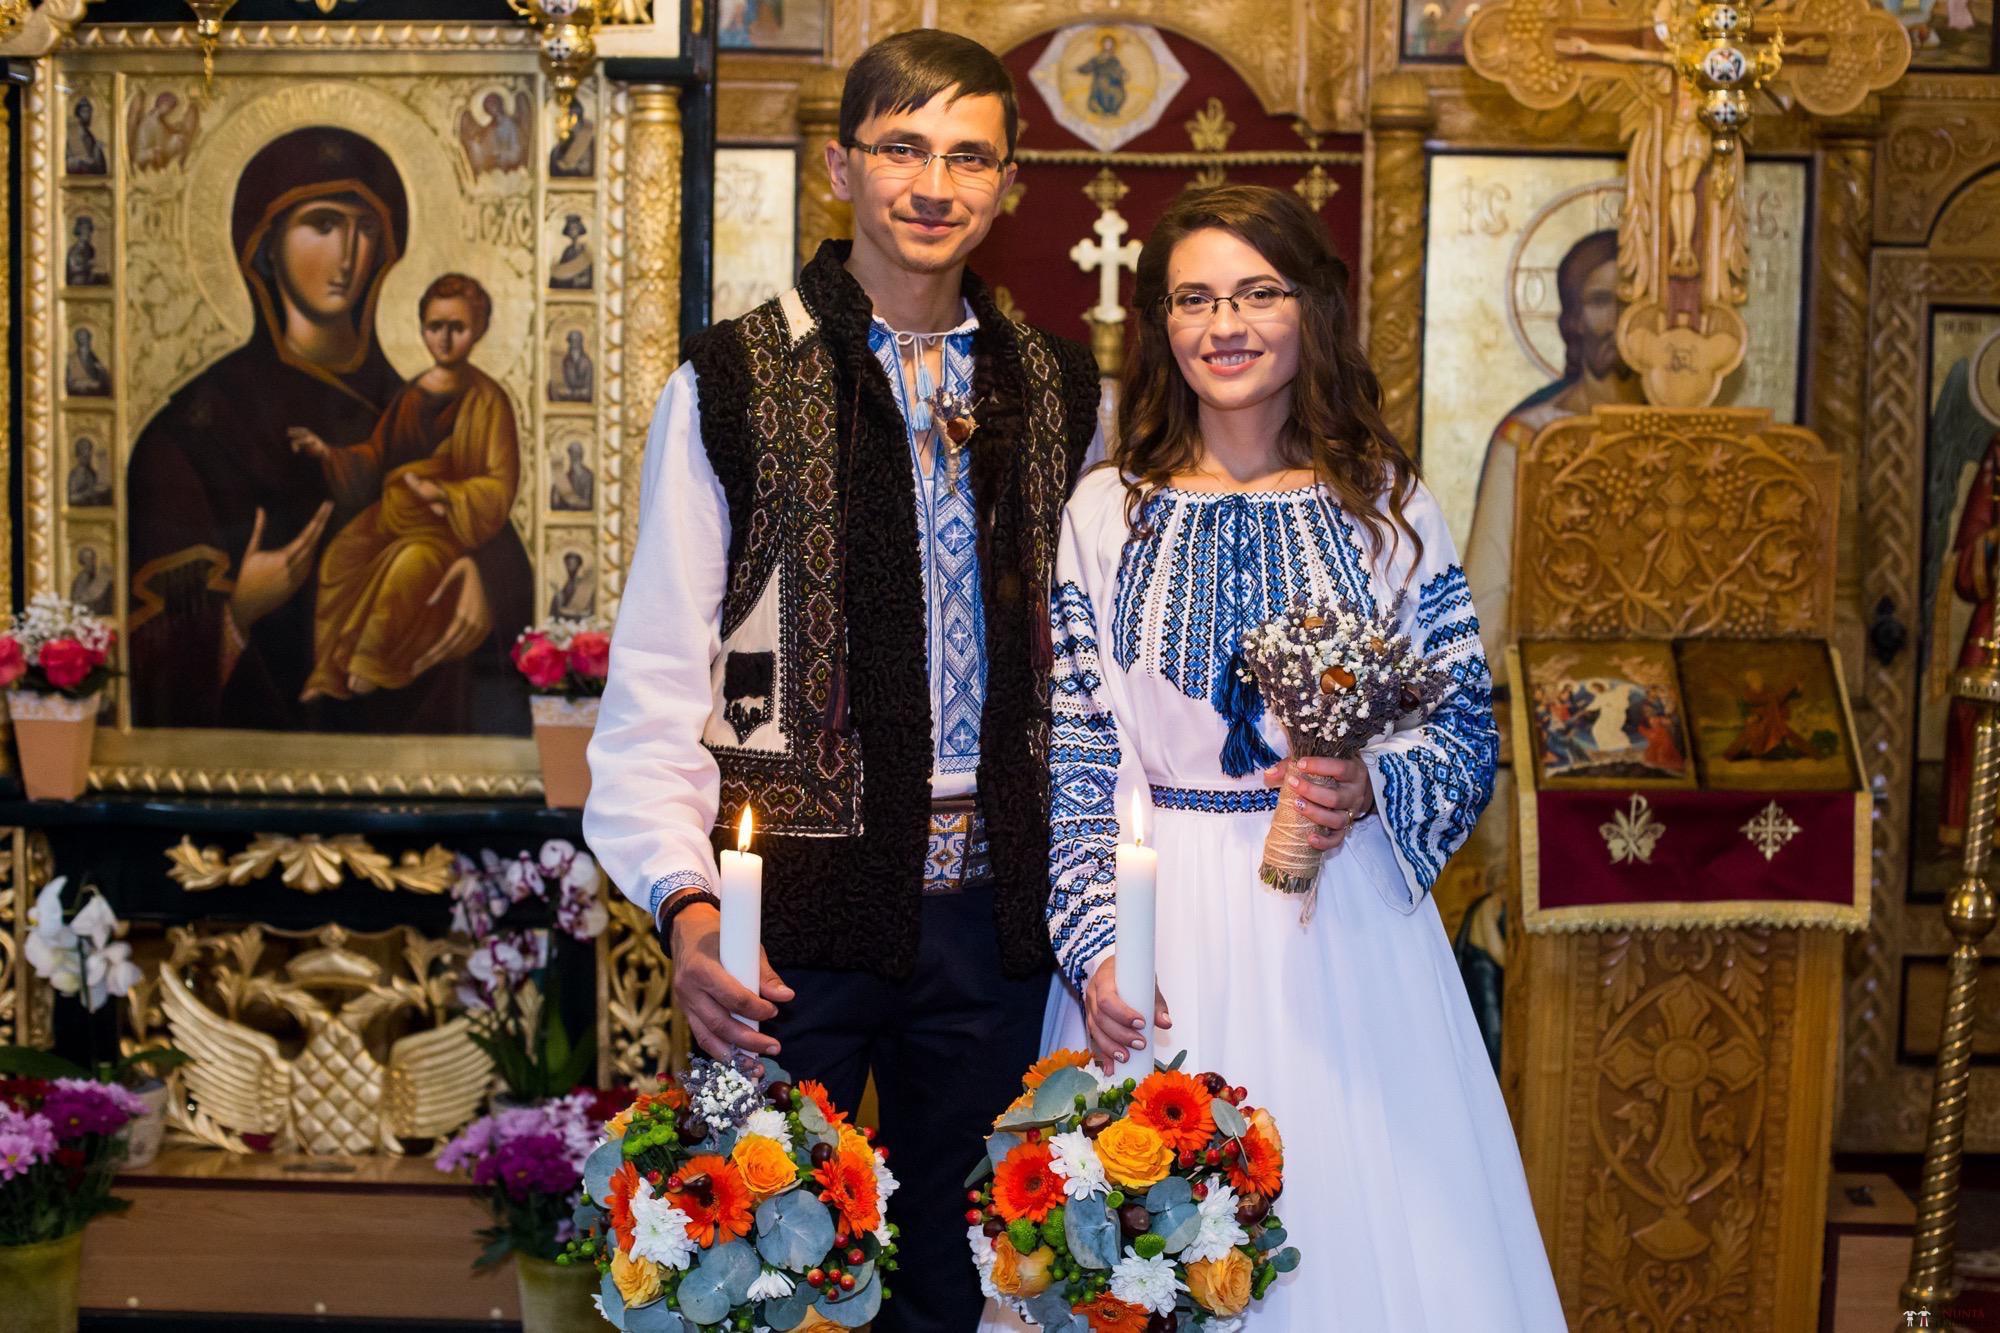 Povești Nunți Tradiționale - Ioana-Alexandra și Bogdan-Vasile. Nuntă tradițională în Fălticeni 15